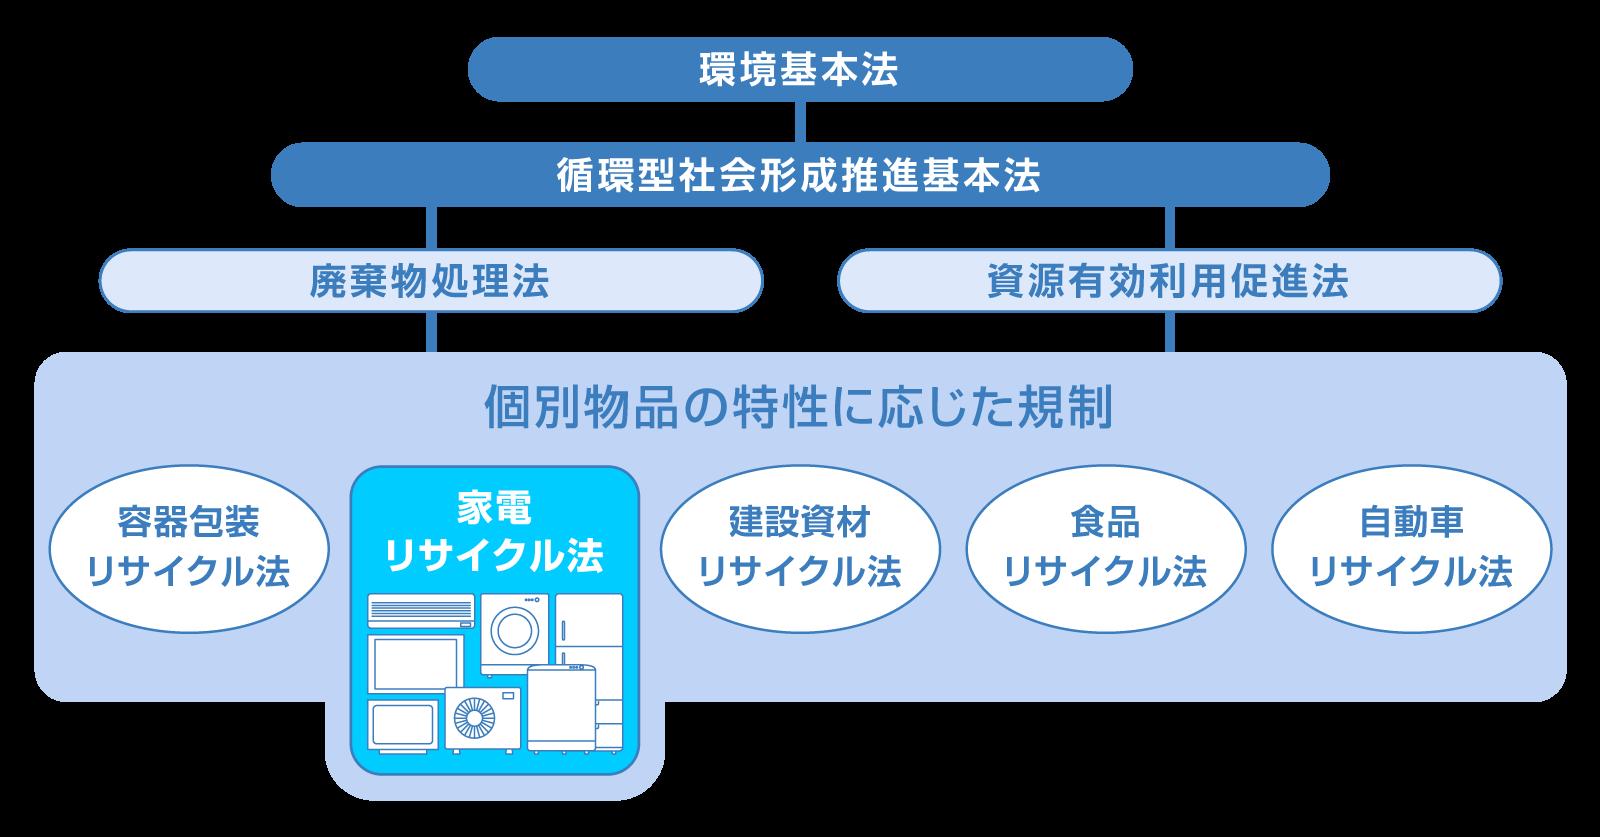 環境法体系図